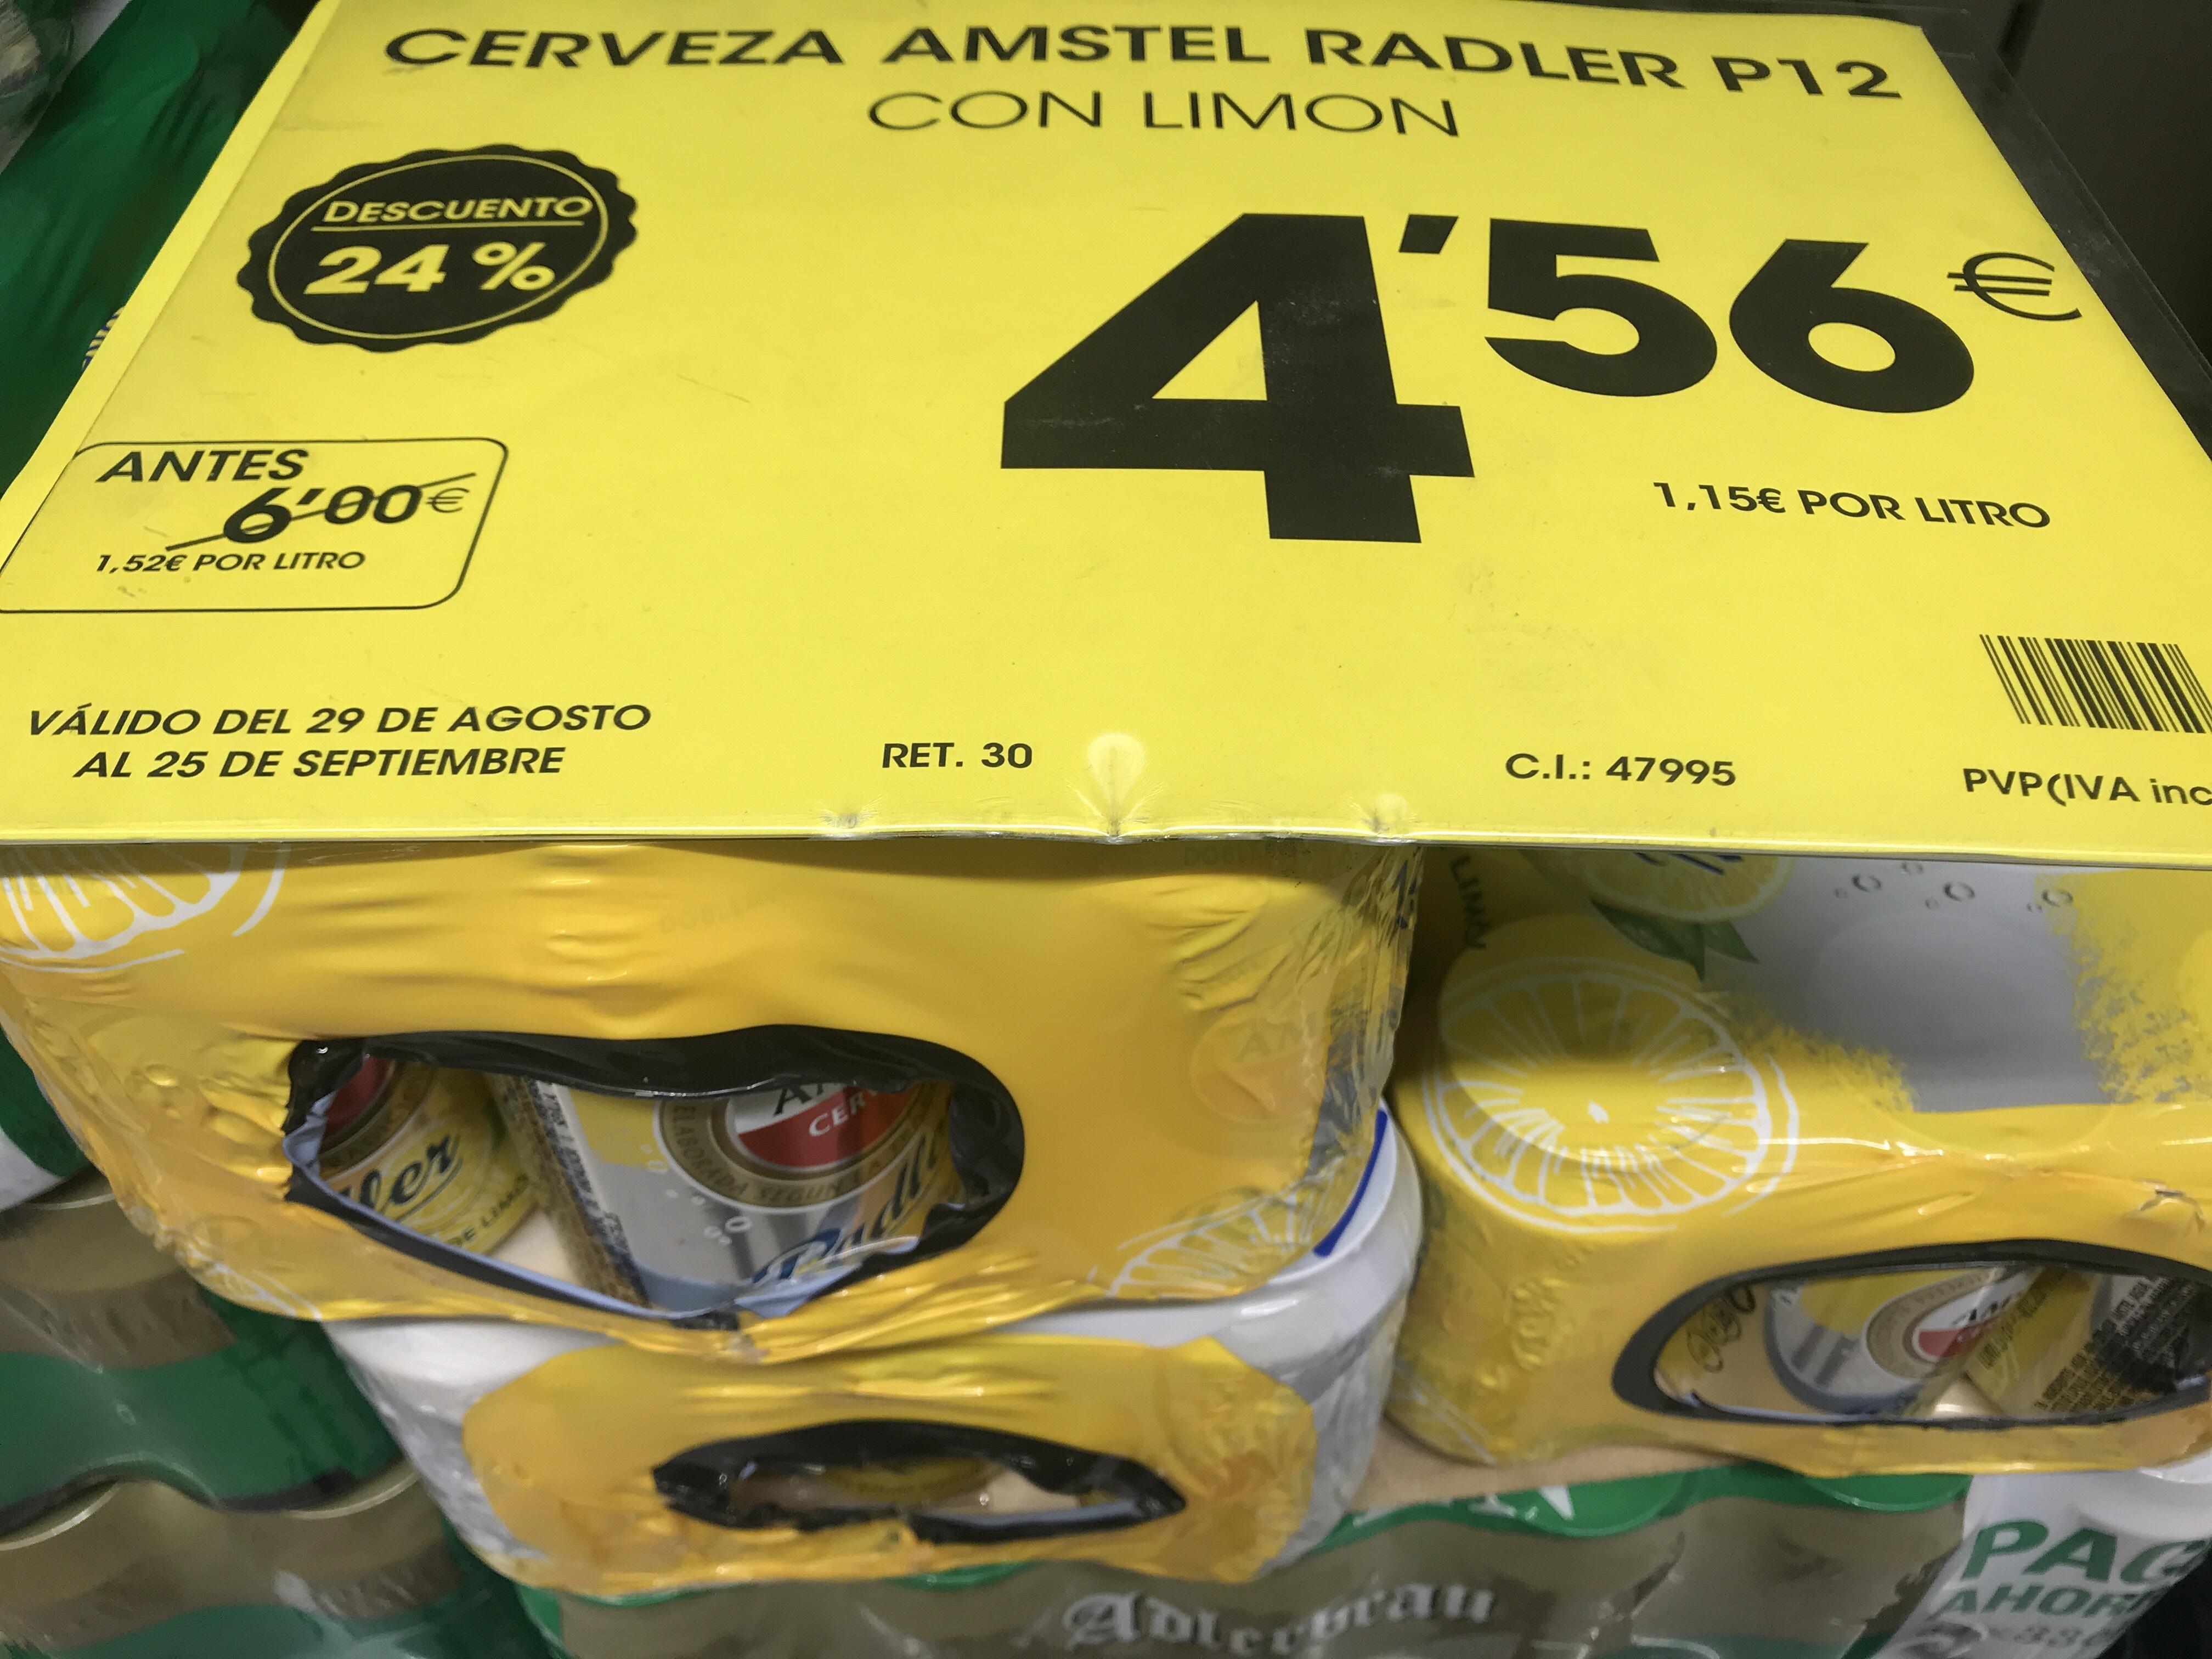 AHORRAMAS: Amstel Radler pack 12